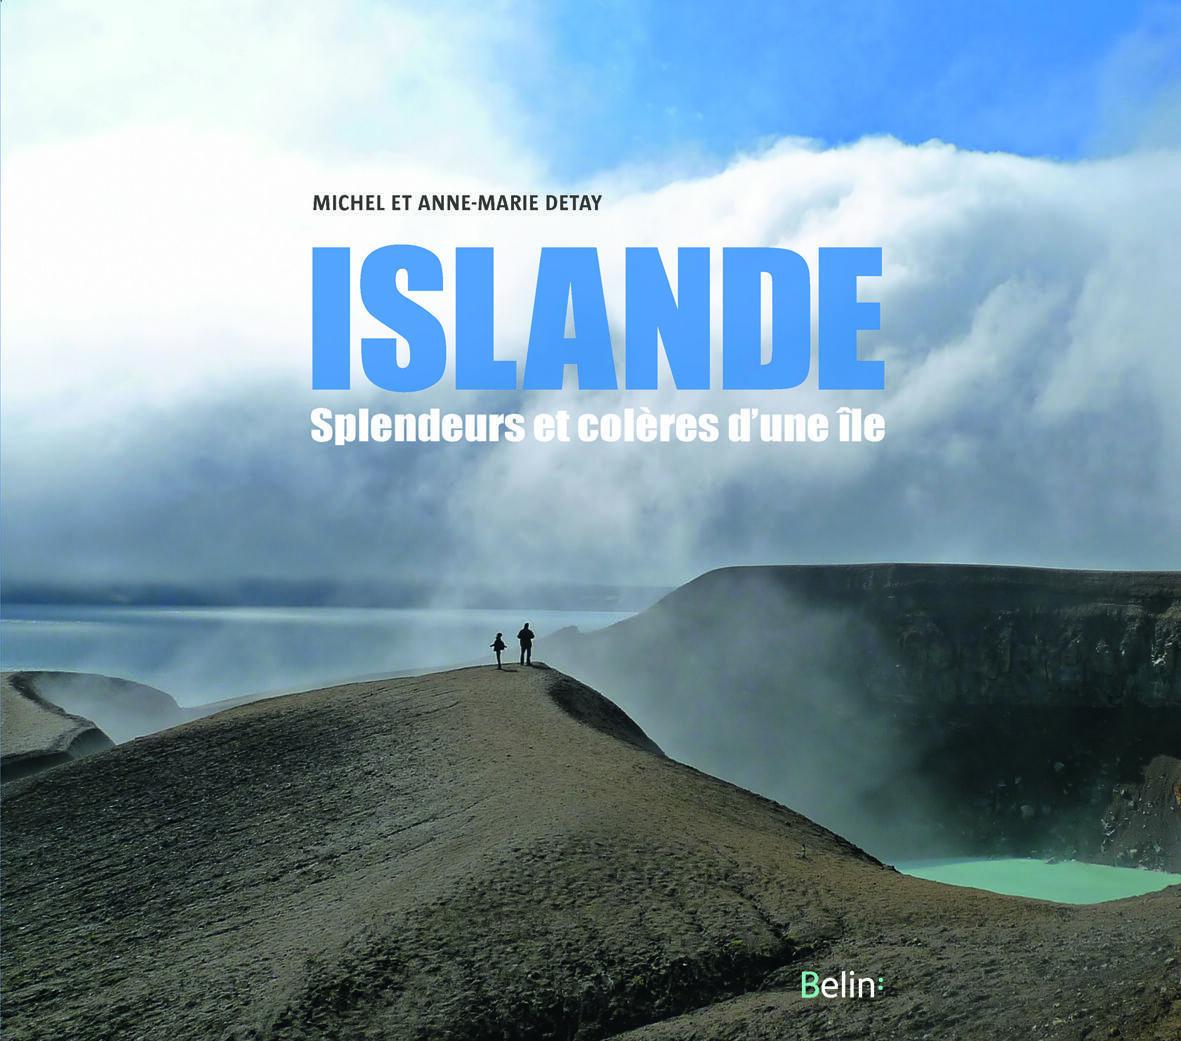 """Couverture du livre """"Islande splendeurs et colères d'une île"""" de Michel et Anne-Marie Detay"""